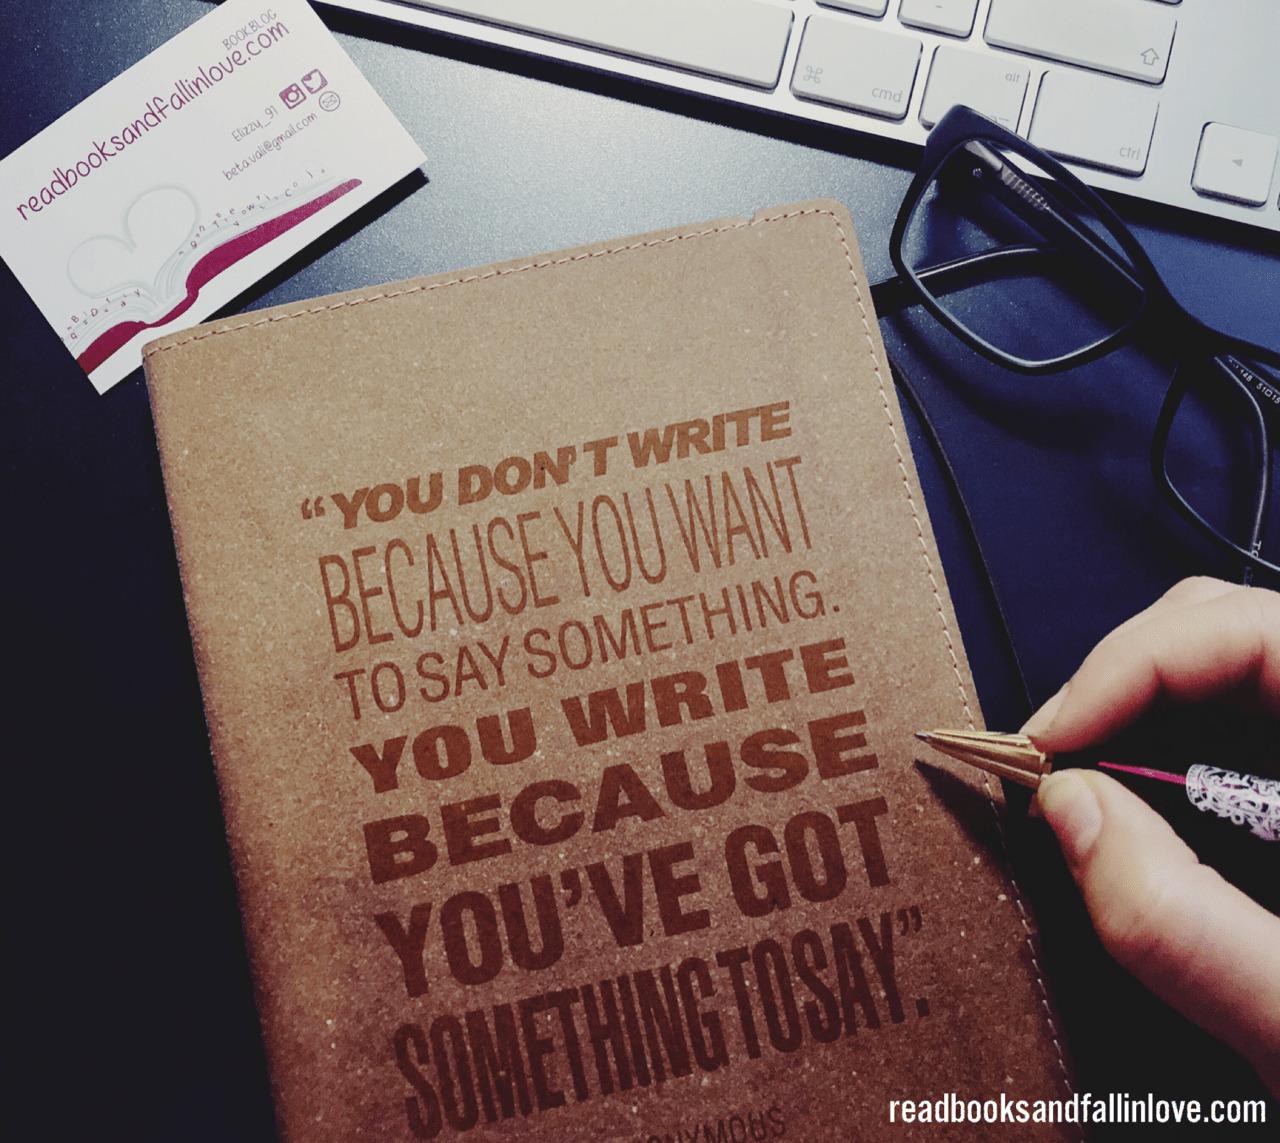 #WritingFriday Woche 1 Mein Vorsatz oder wieso es keinen gibt